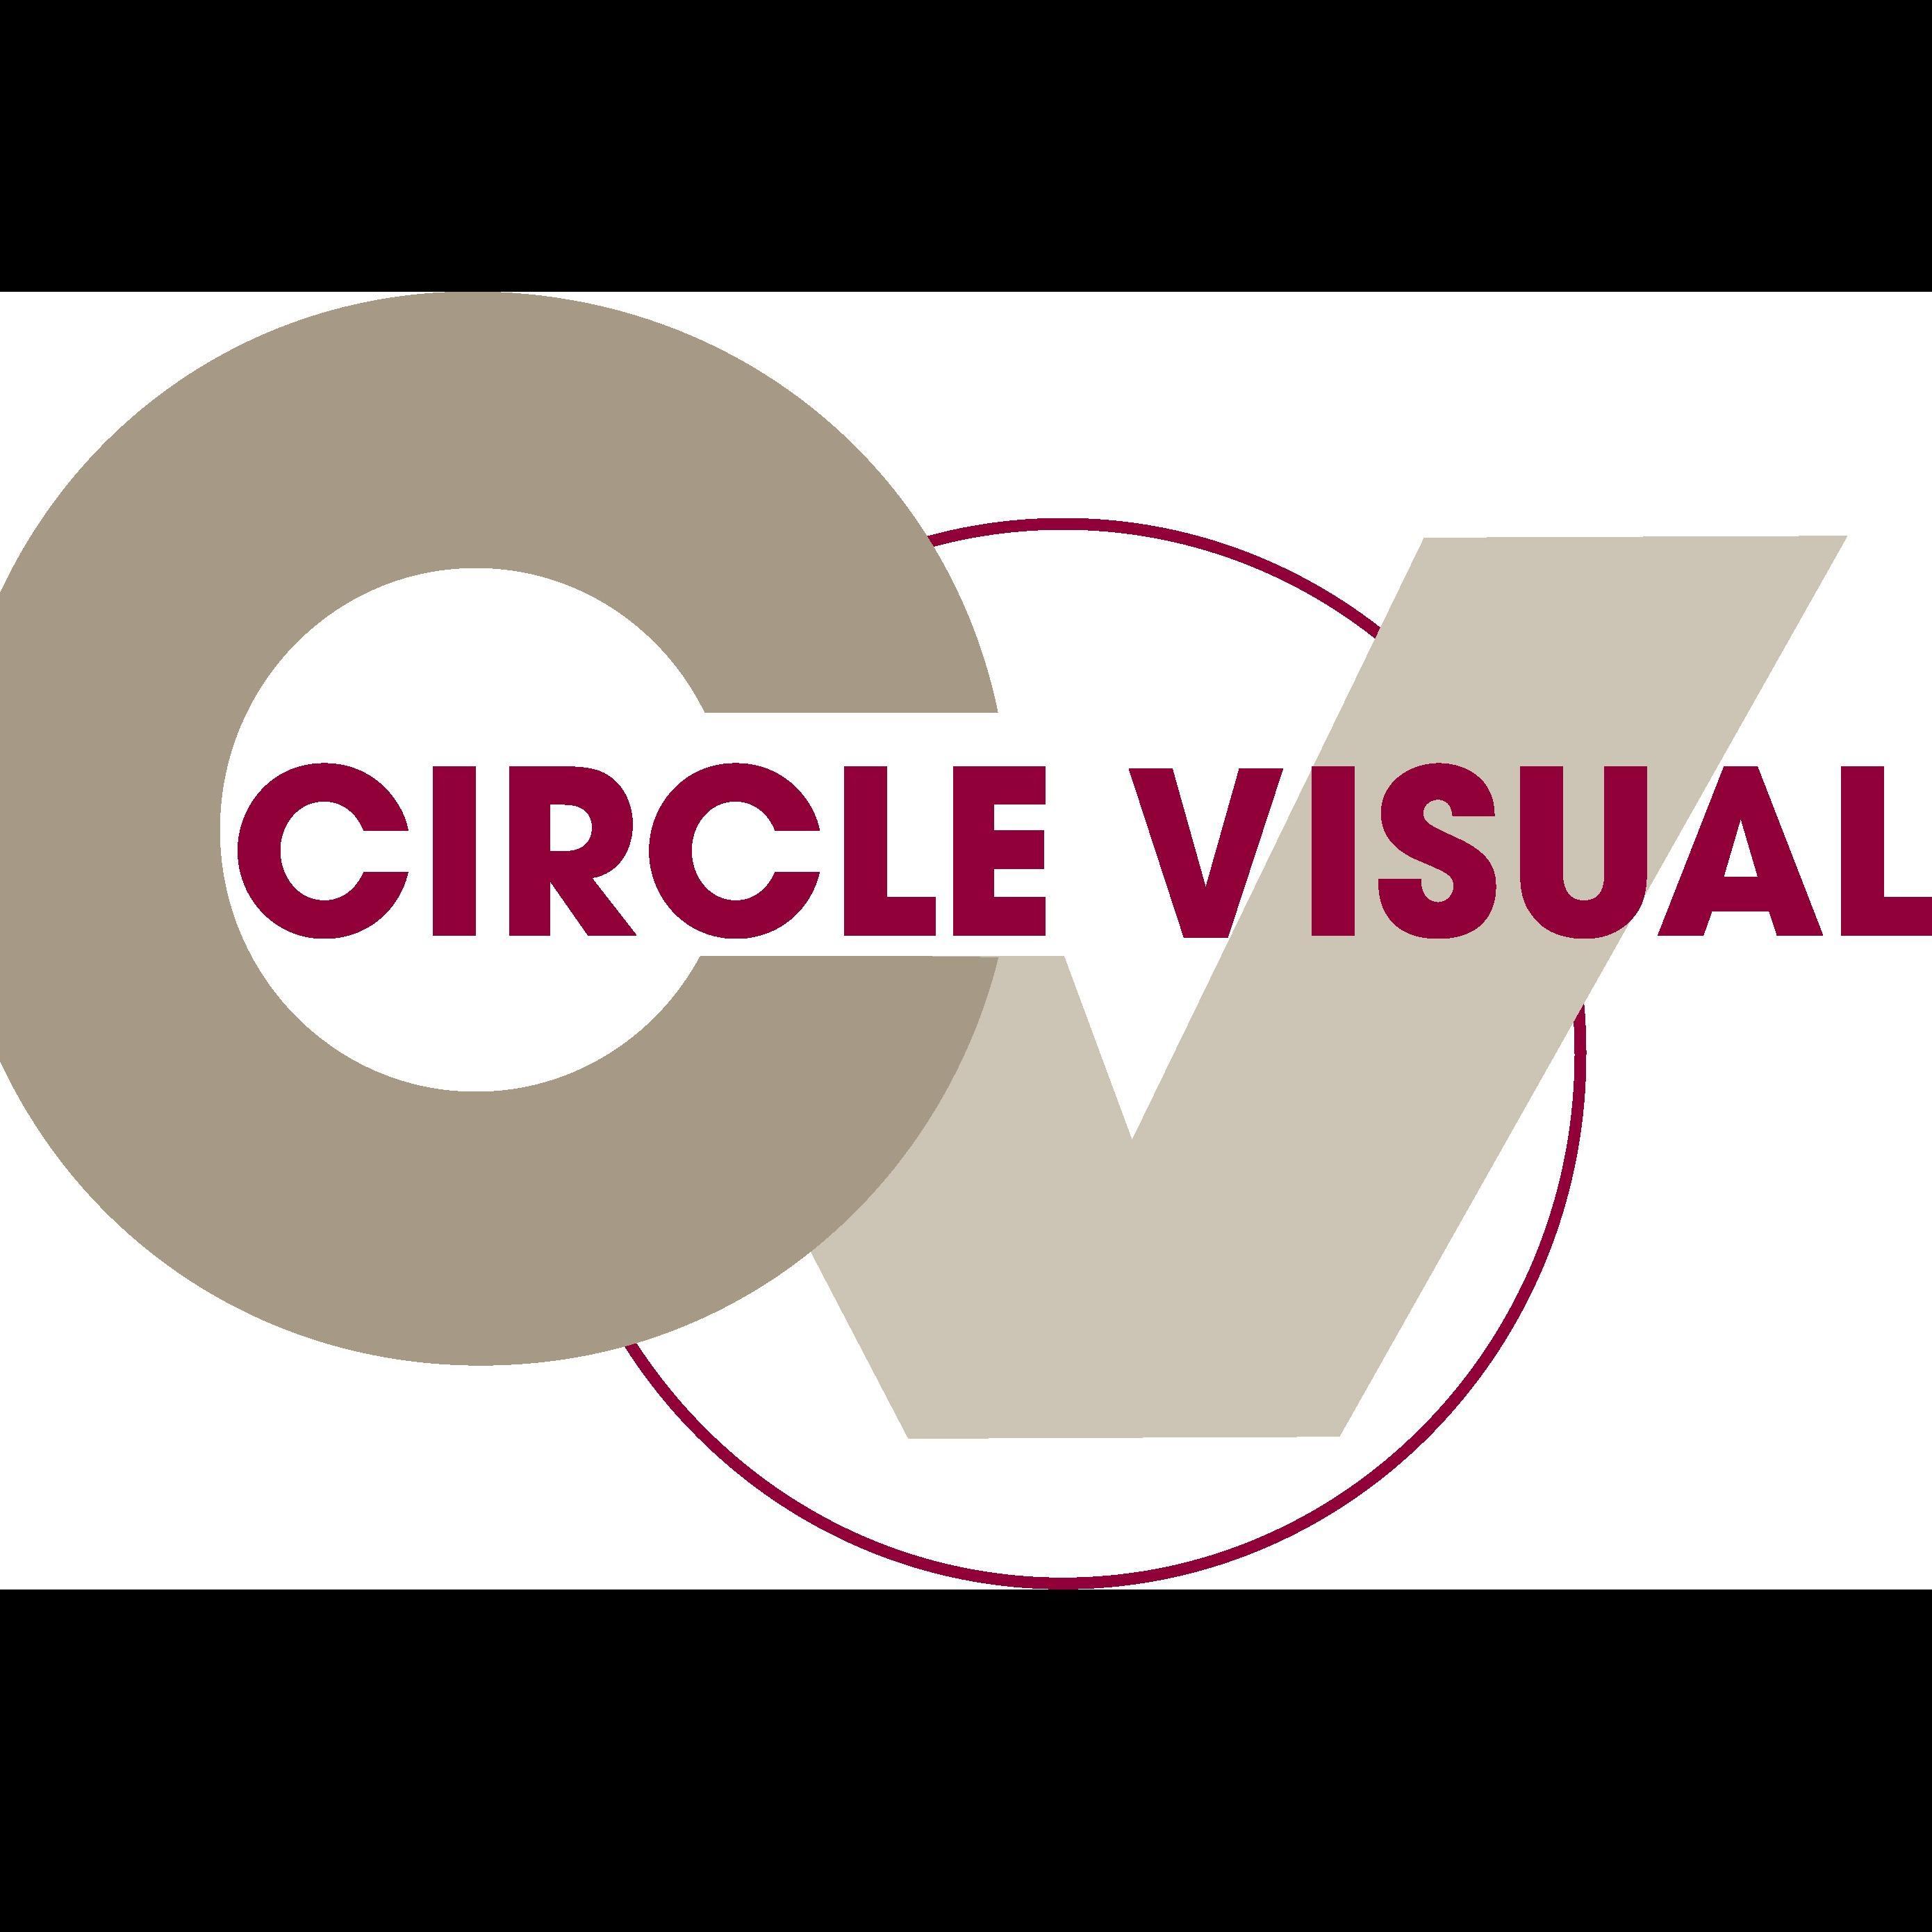 Circle Visual Inc